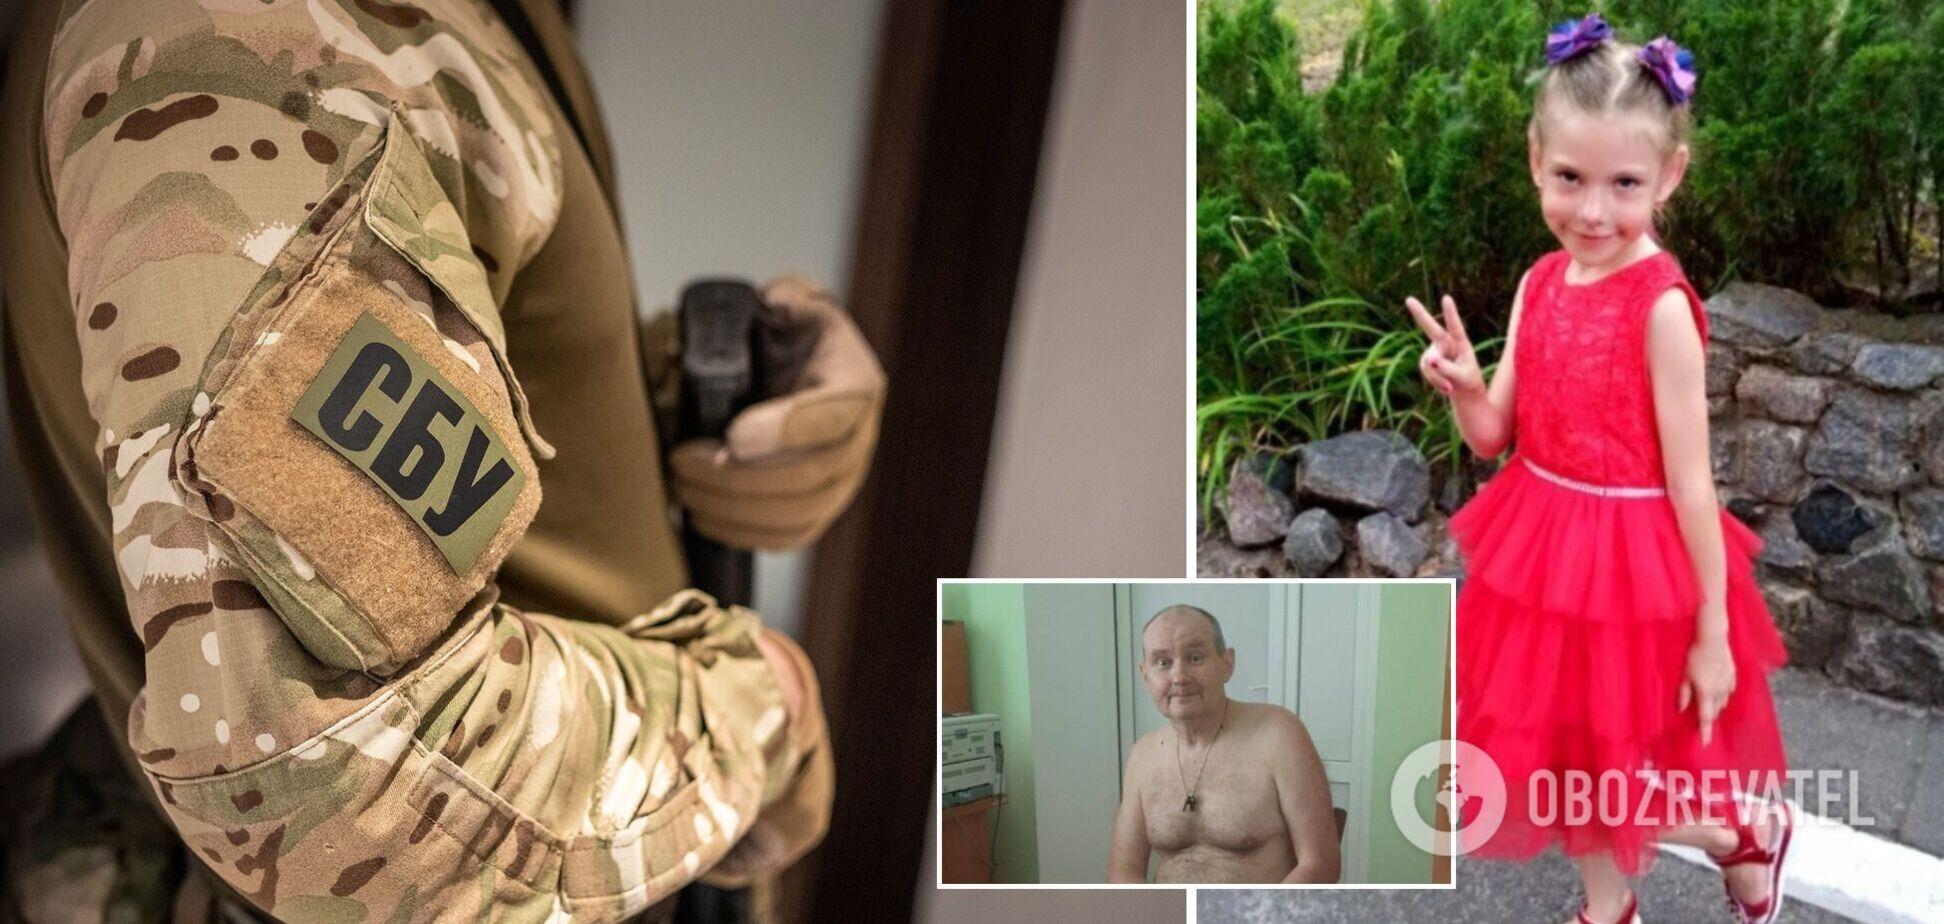 Новости Украины: Чауса доставили в Киев, а на Харьковщине назвали возможную причину убийства Мирославы Третяк